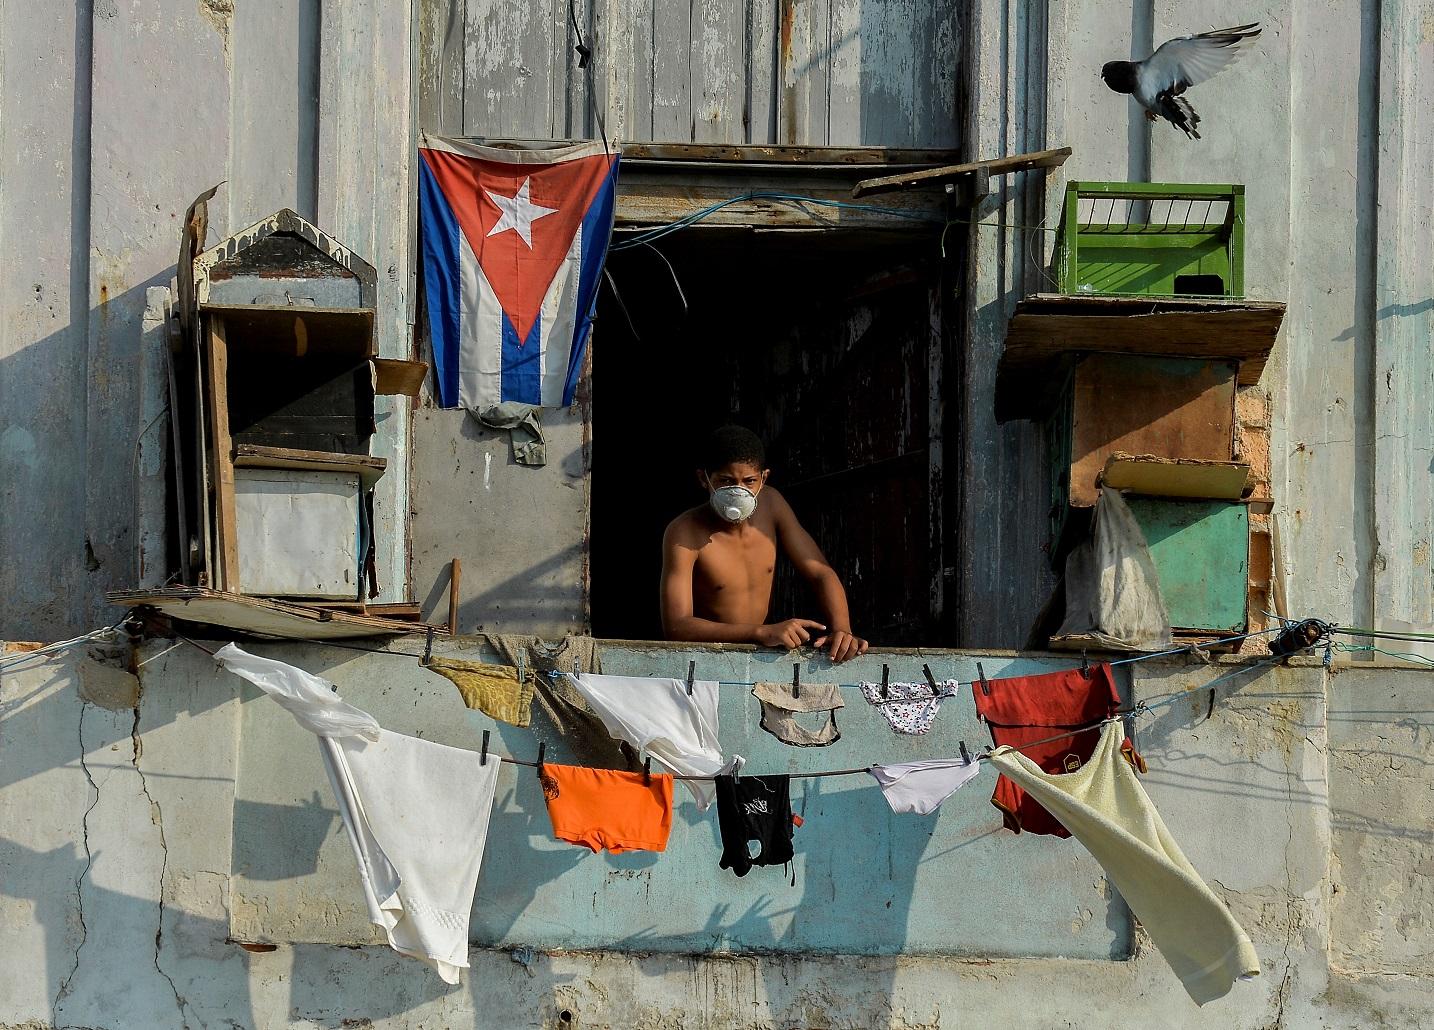 Homem usa máscara facial na varanda em Havana. As autoridades cubanas dizem que o embargo econômico dos EUA vem dificultando o combate à covid-19. Foto Yamil Lage/AFP